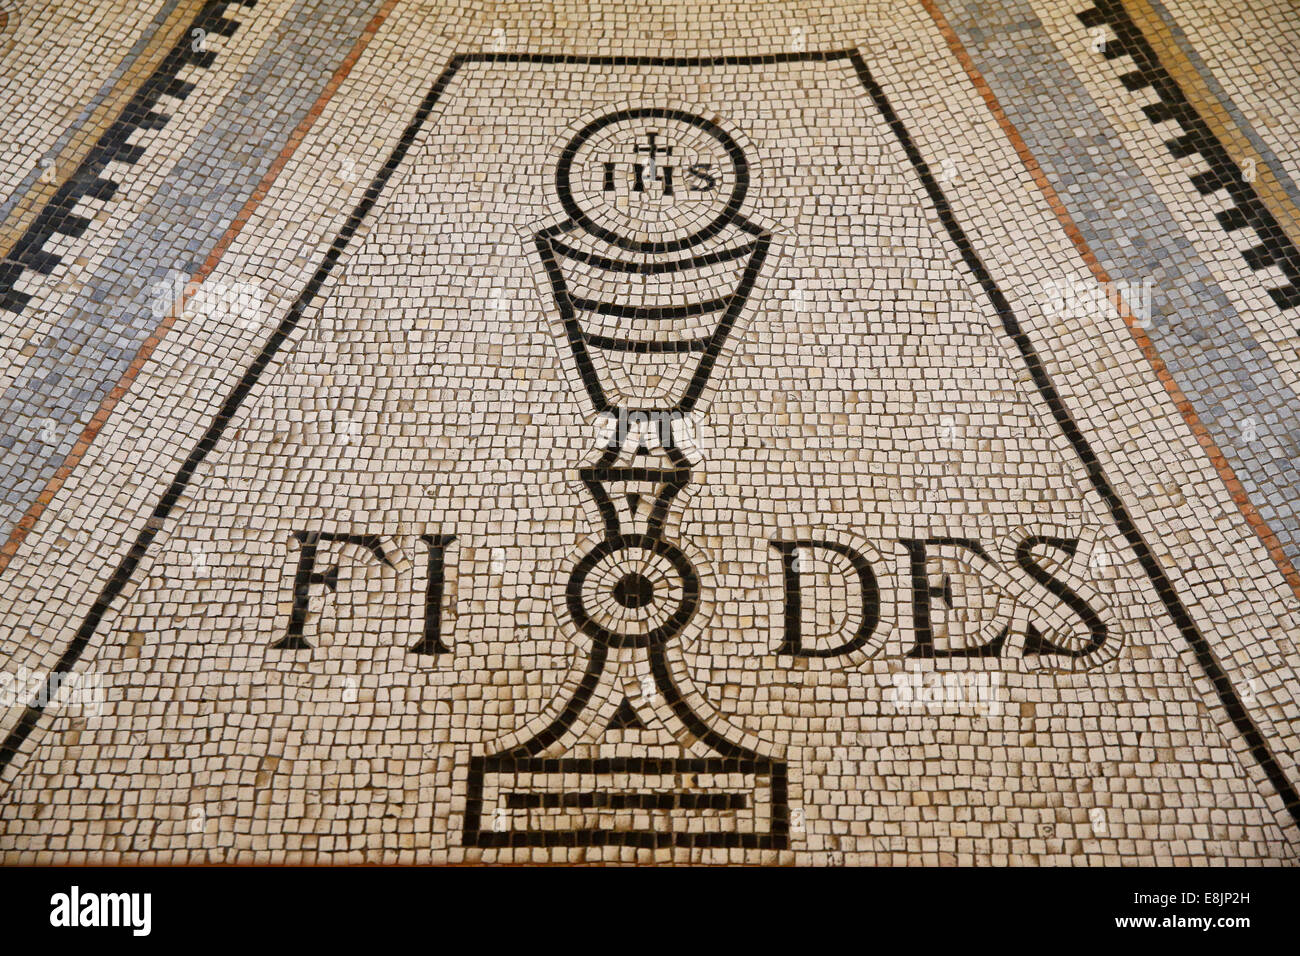 Église des Béatitudes. La foi. Photo Stock